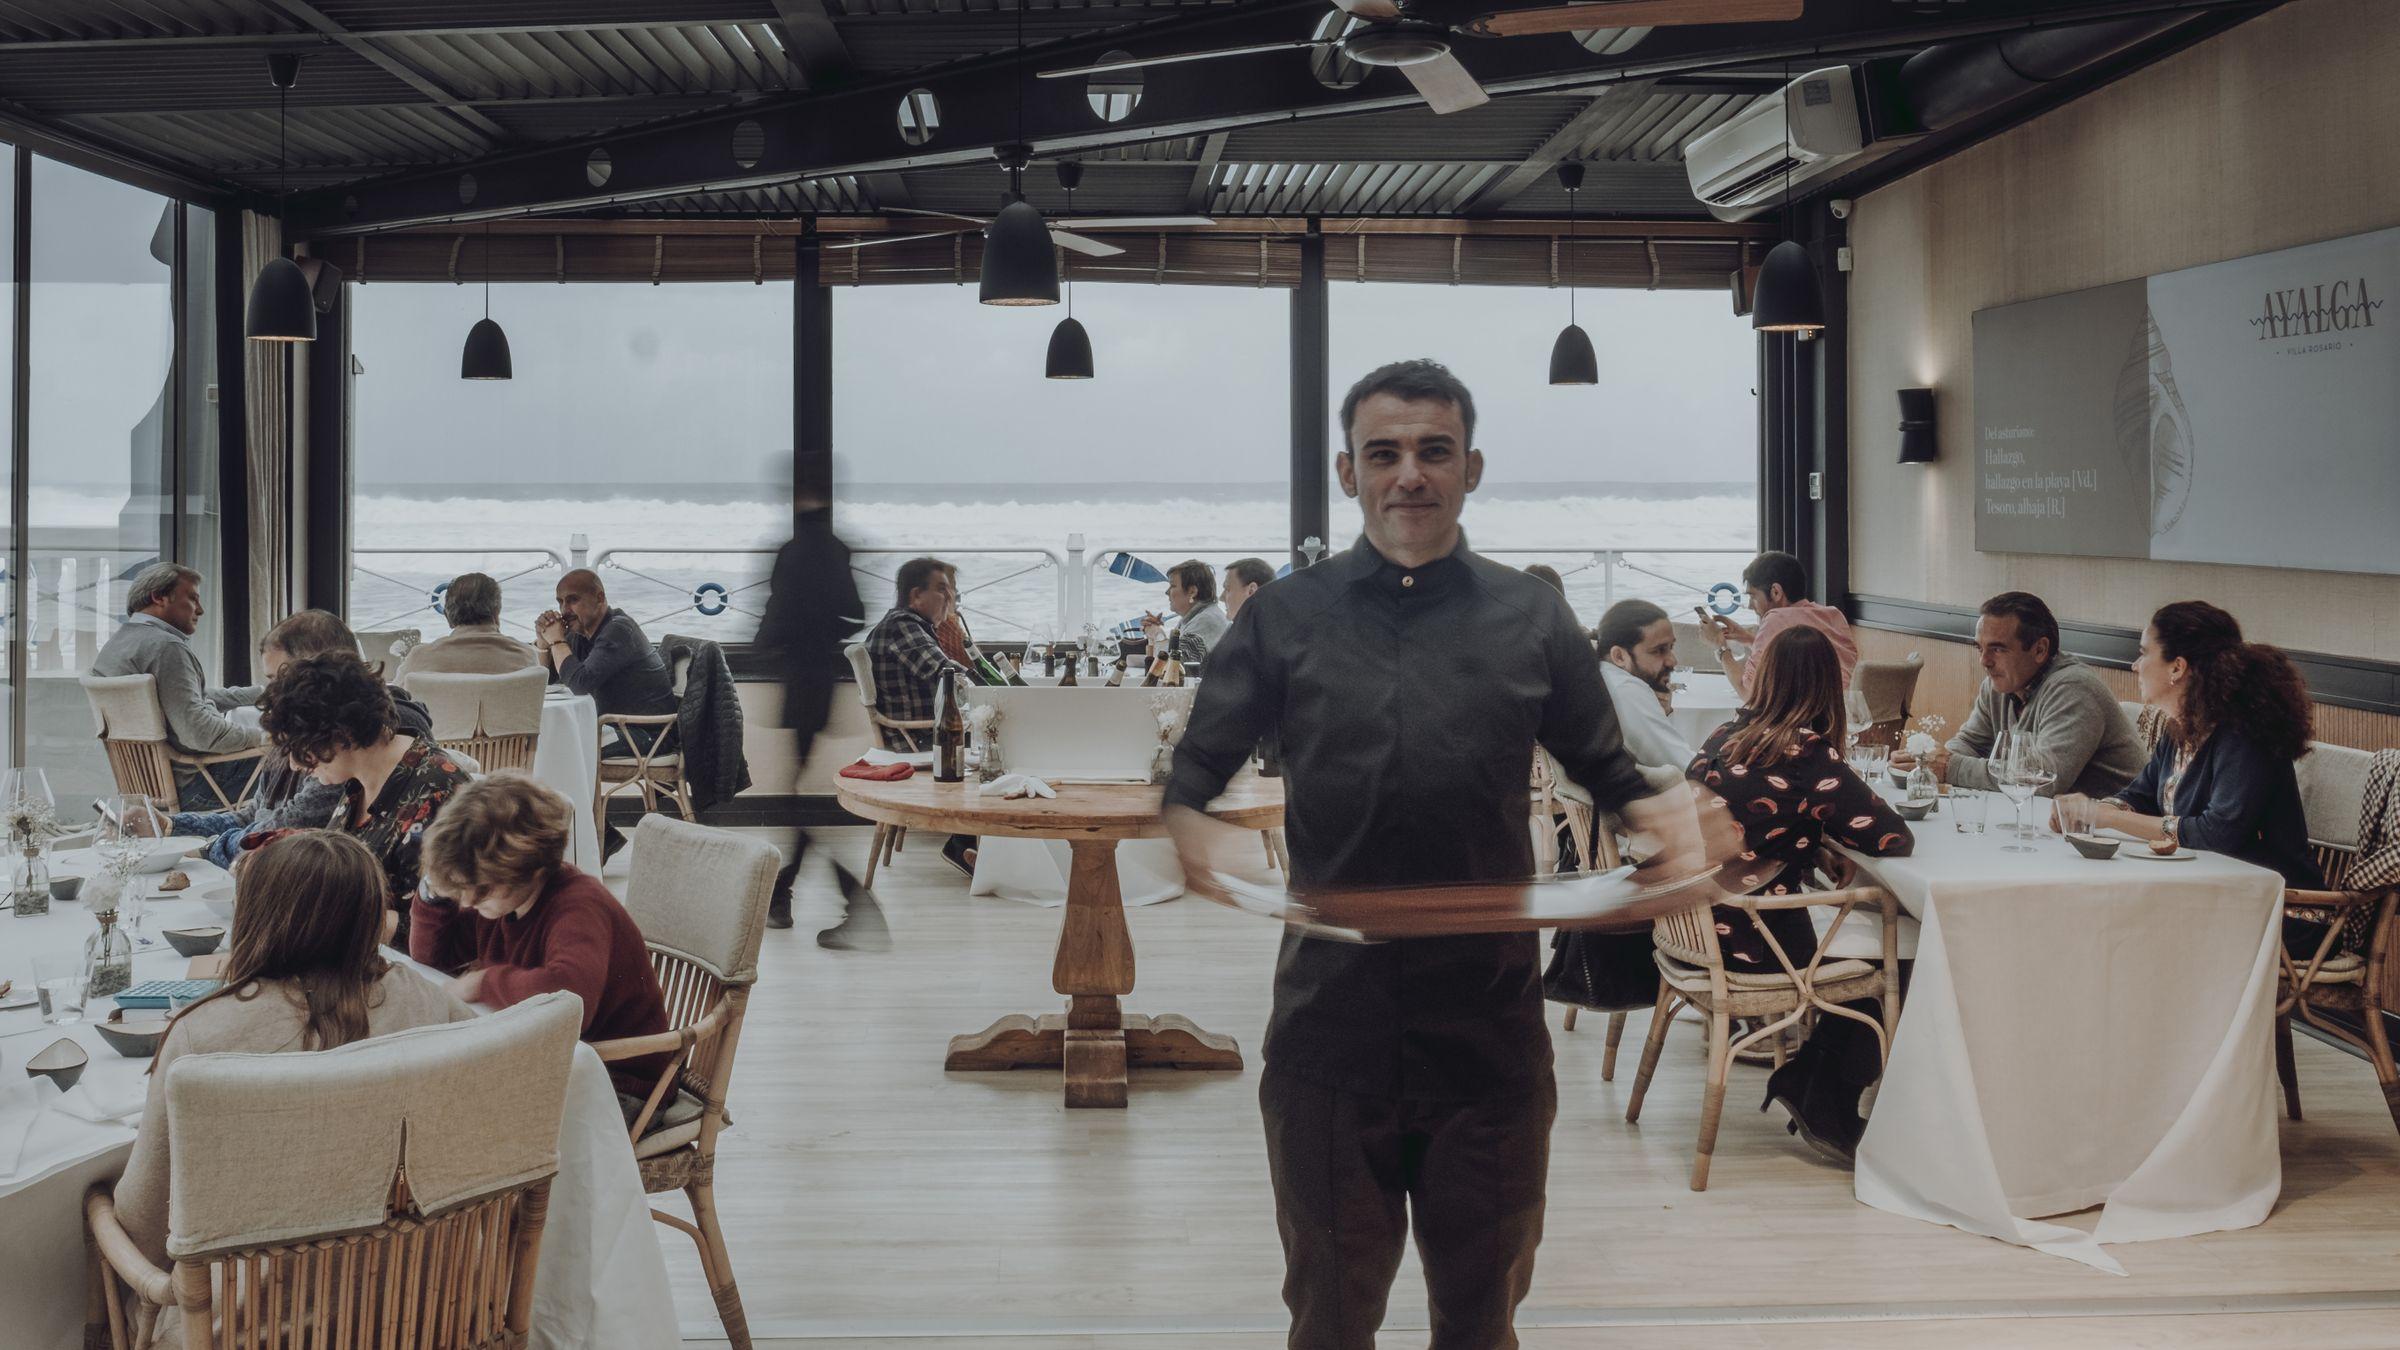 El chef asturiano Marcos Granda